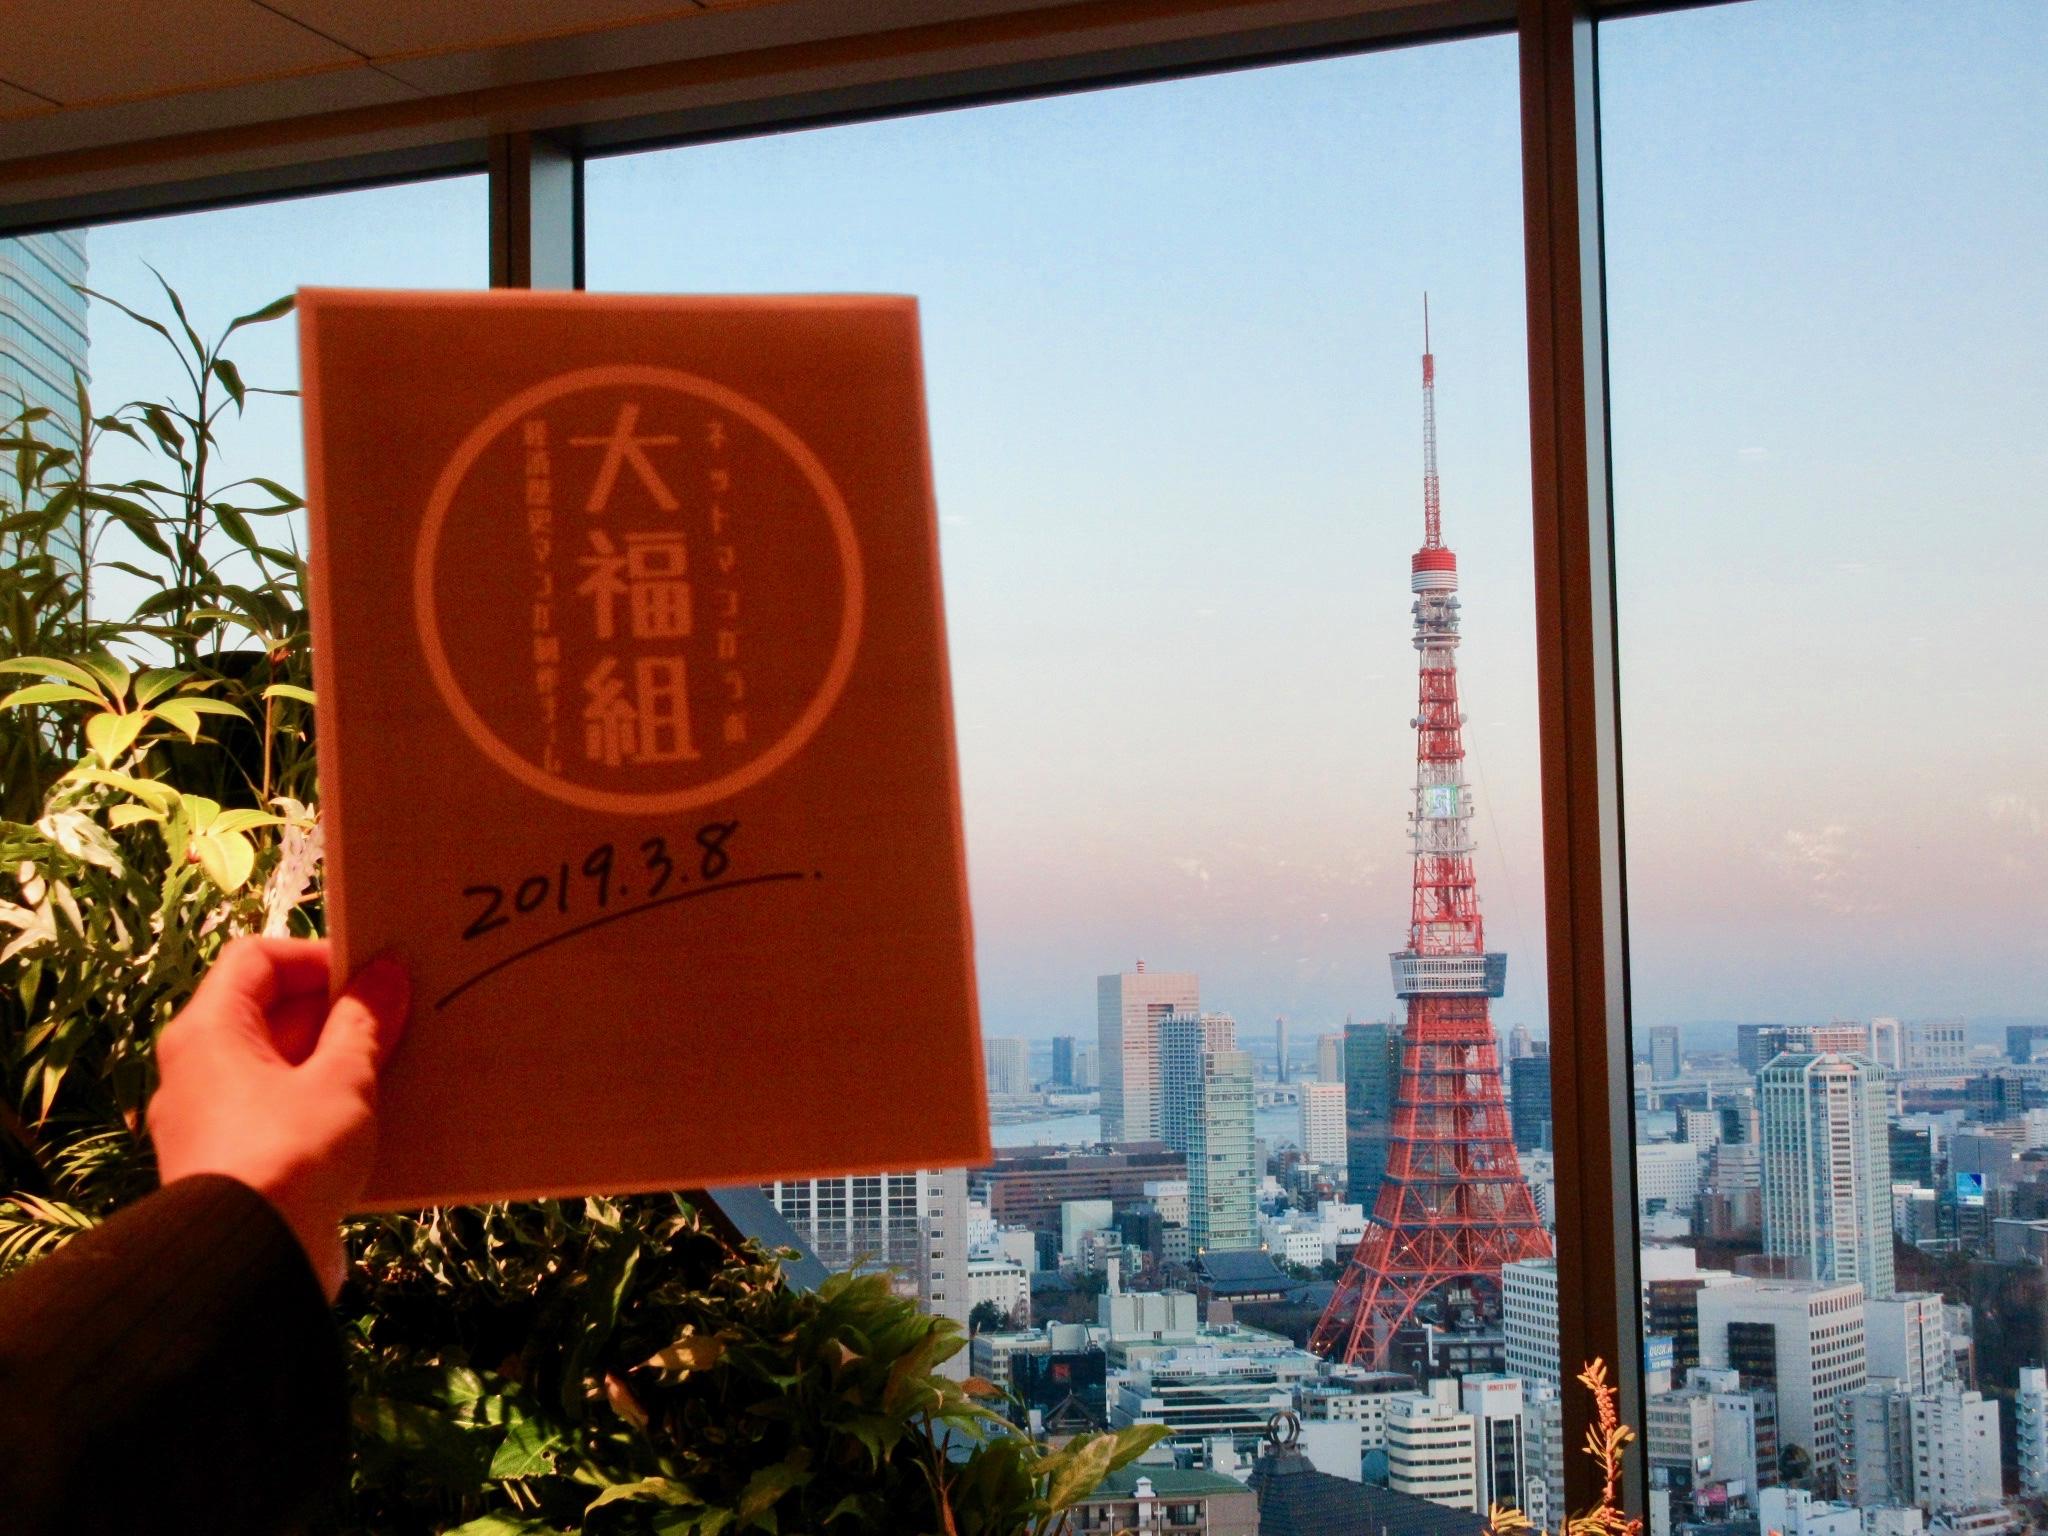 「大福組」六本木に見参!-DMM オンラインサロン サロンプロジェクトアワード2018表彰式